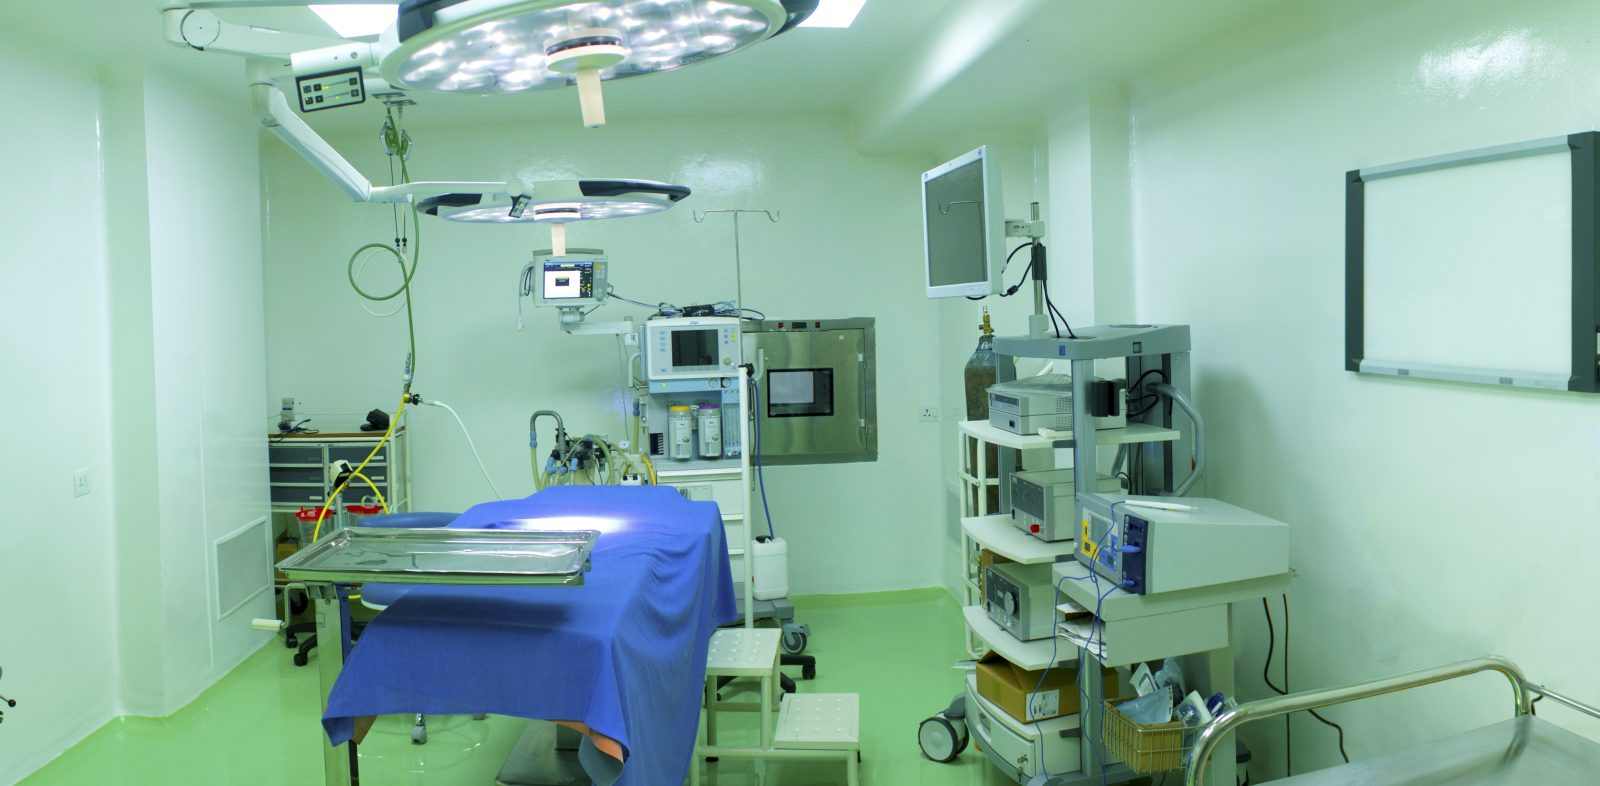 चालु  आर्थिक वर्षभित्र मुलुकभर ३९६ आधारभूत अस्पताल थपिने ,  कुन प्रदेशमा कति अस्पताल ?